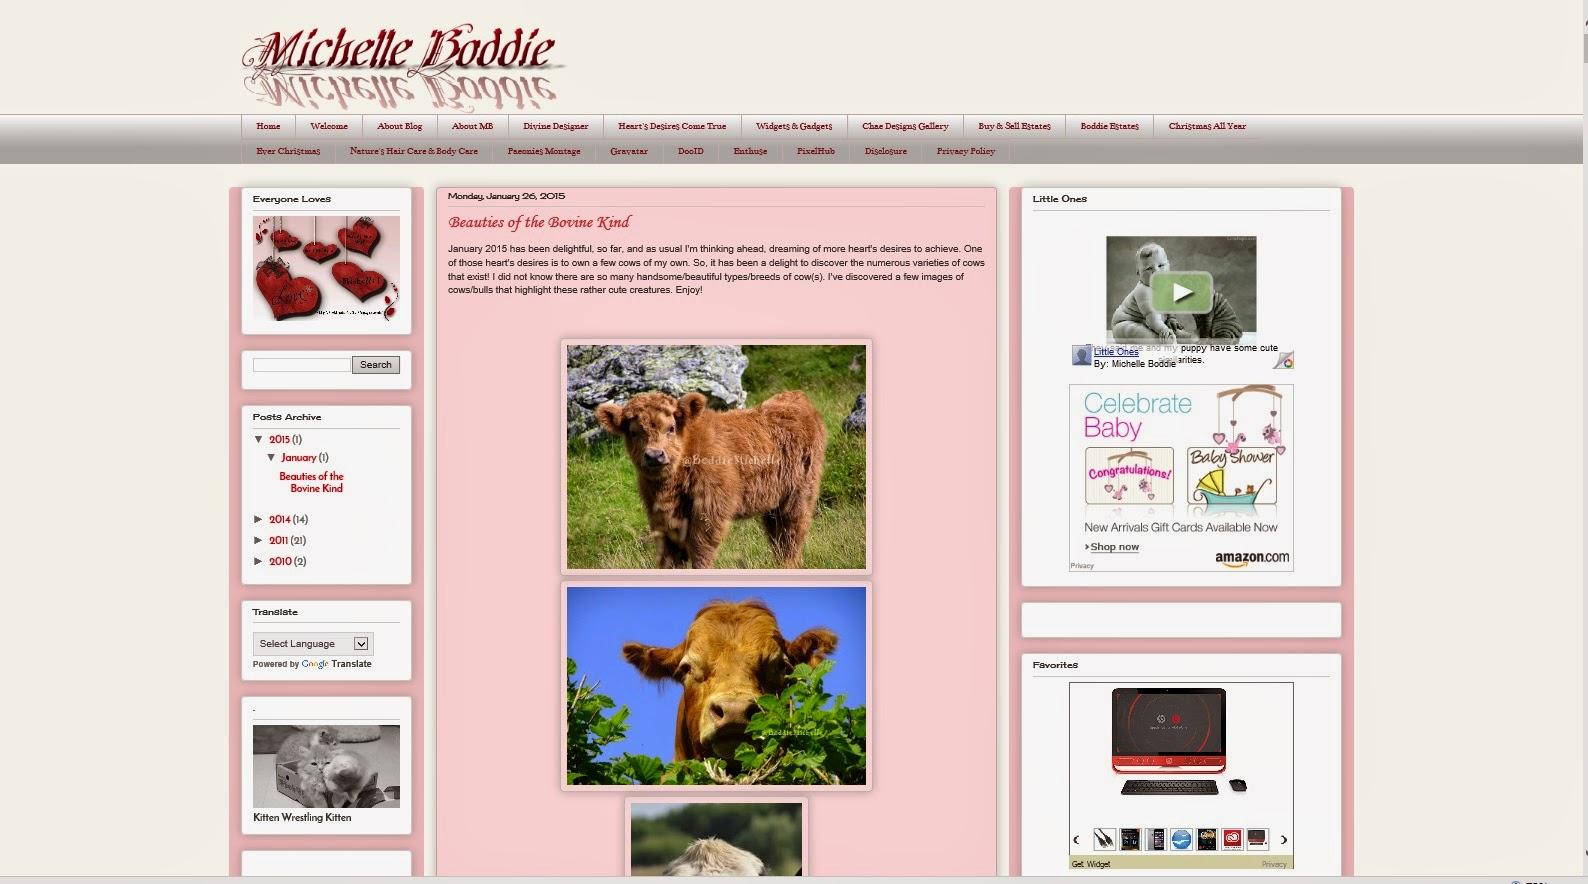 Boddie Michelle blog features some of Michelle 'Chaella' Boddie's Favorites!